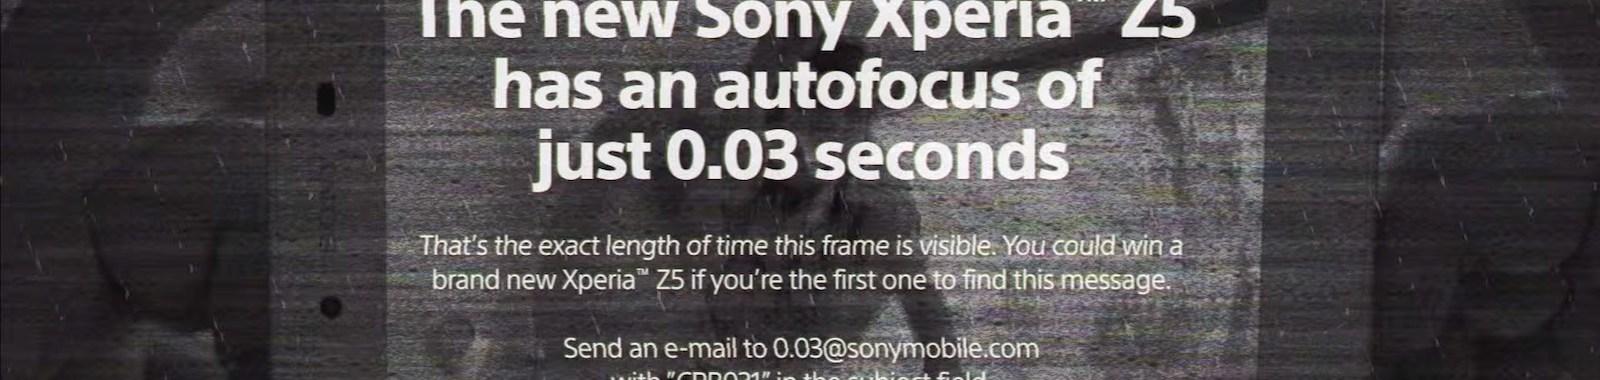 151124xperia25sum.eye